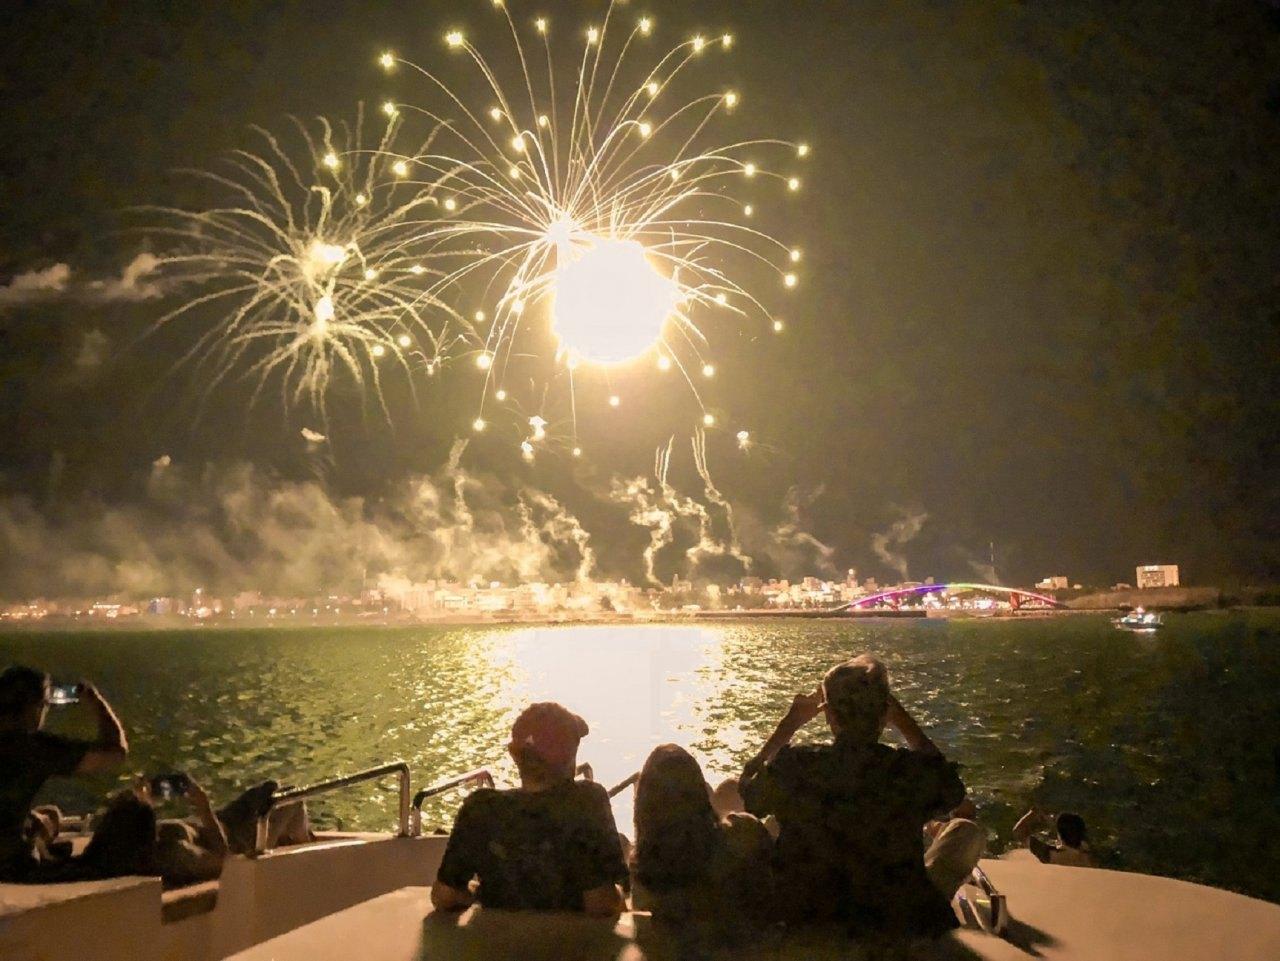 澎湖旅遊|花火節這樣觀賞才對味 海上就近看還不用人擠人